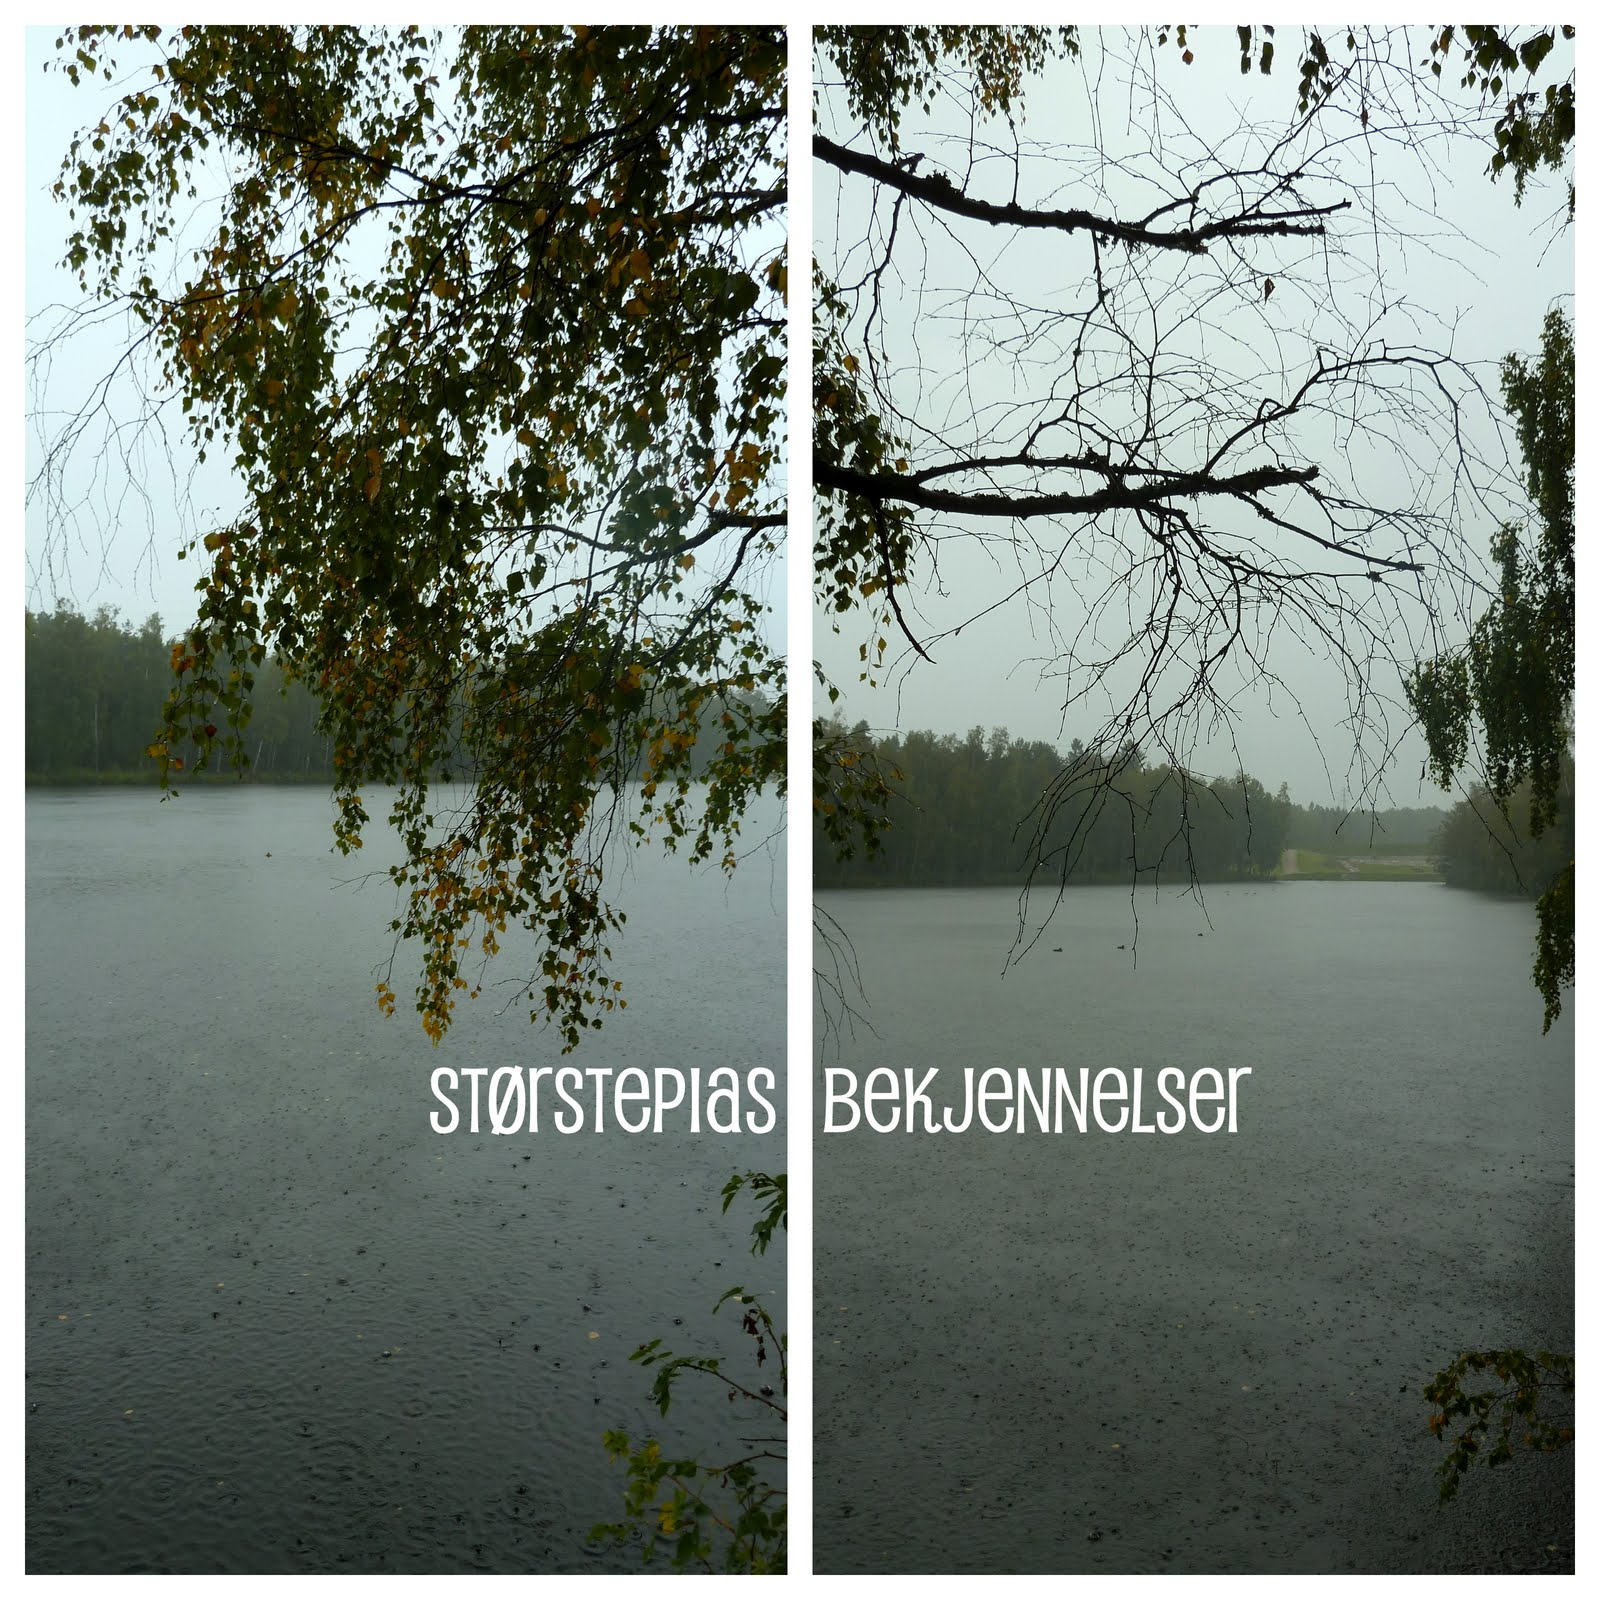 c01d4d84 øsende regn, pøsende regn, regn, regn, regn, regn, deilig og vått, deilig  og rått!